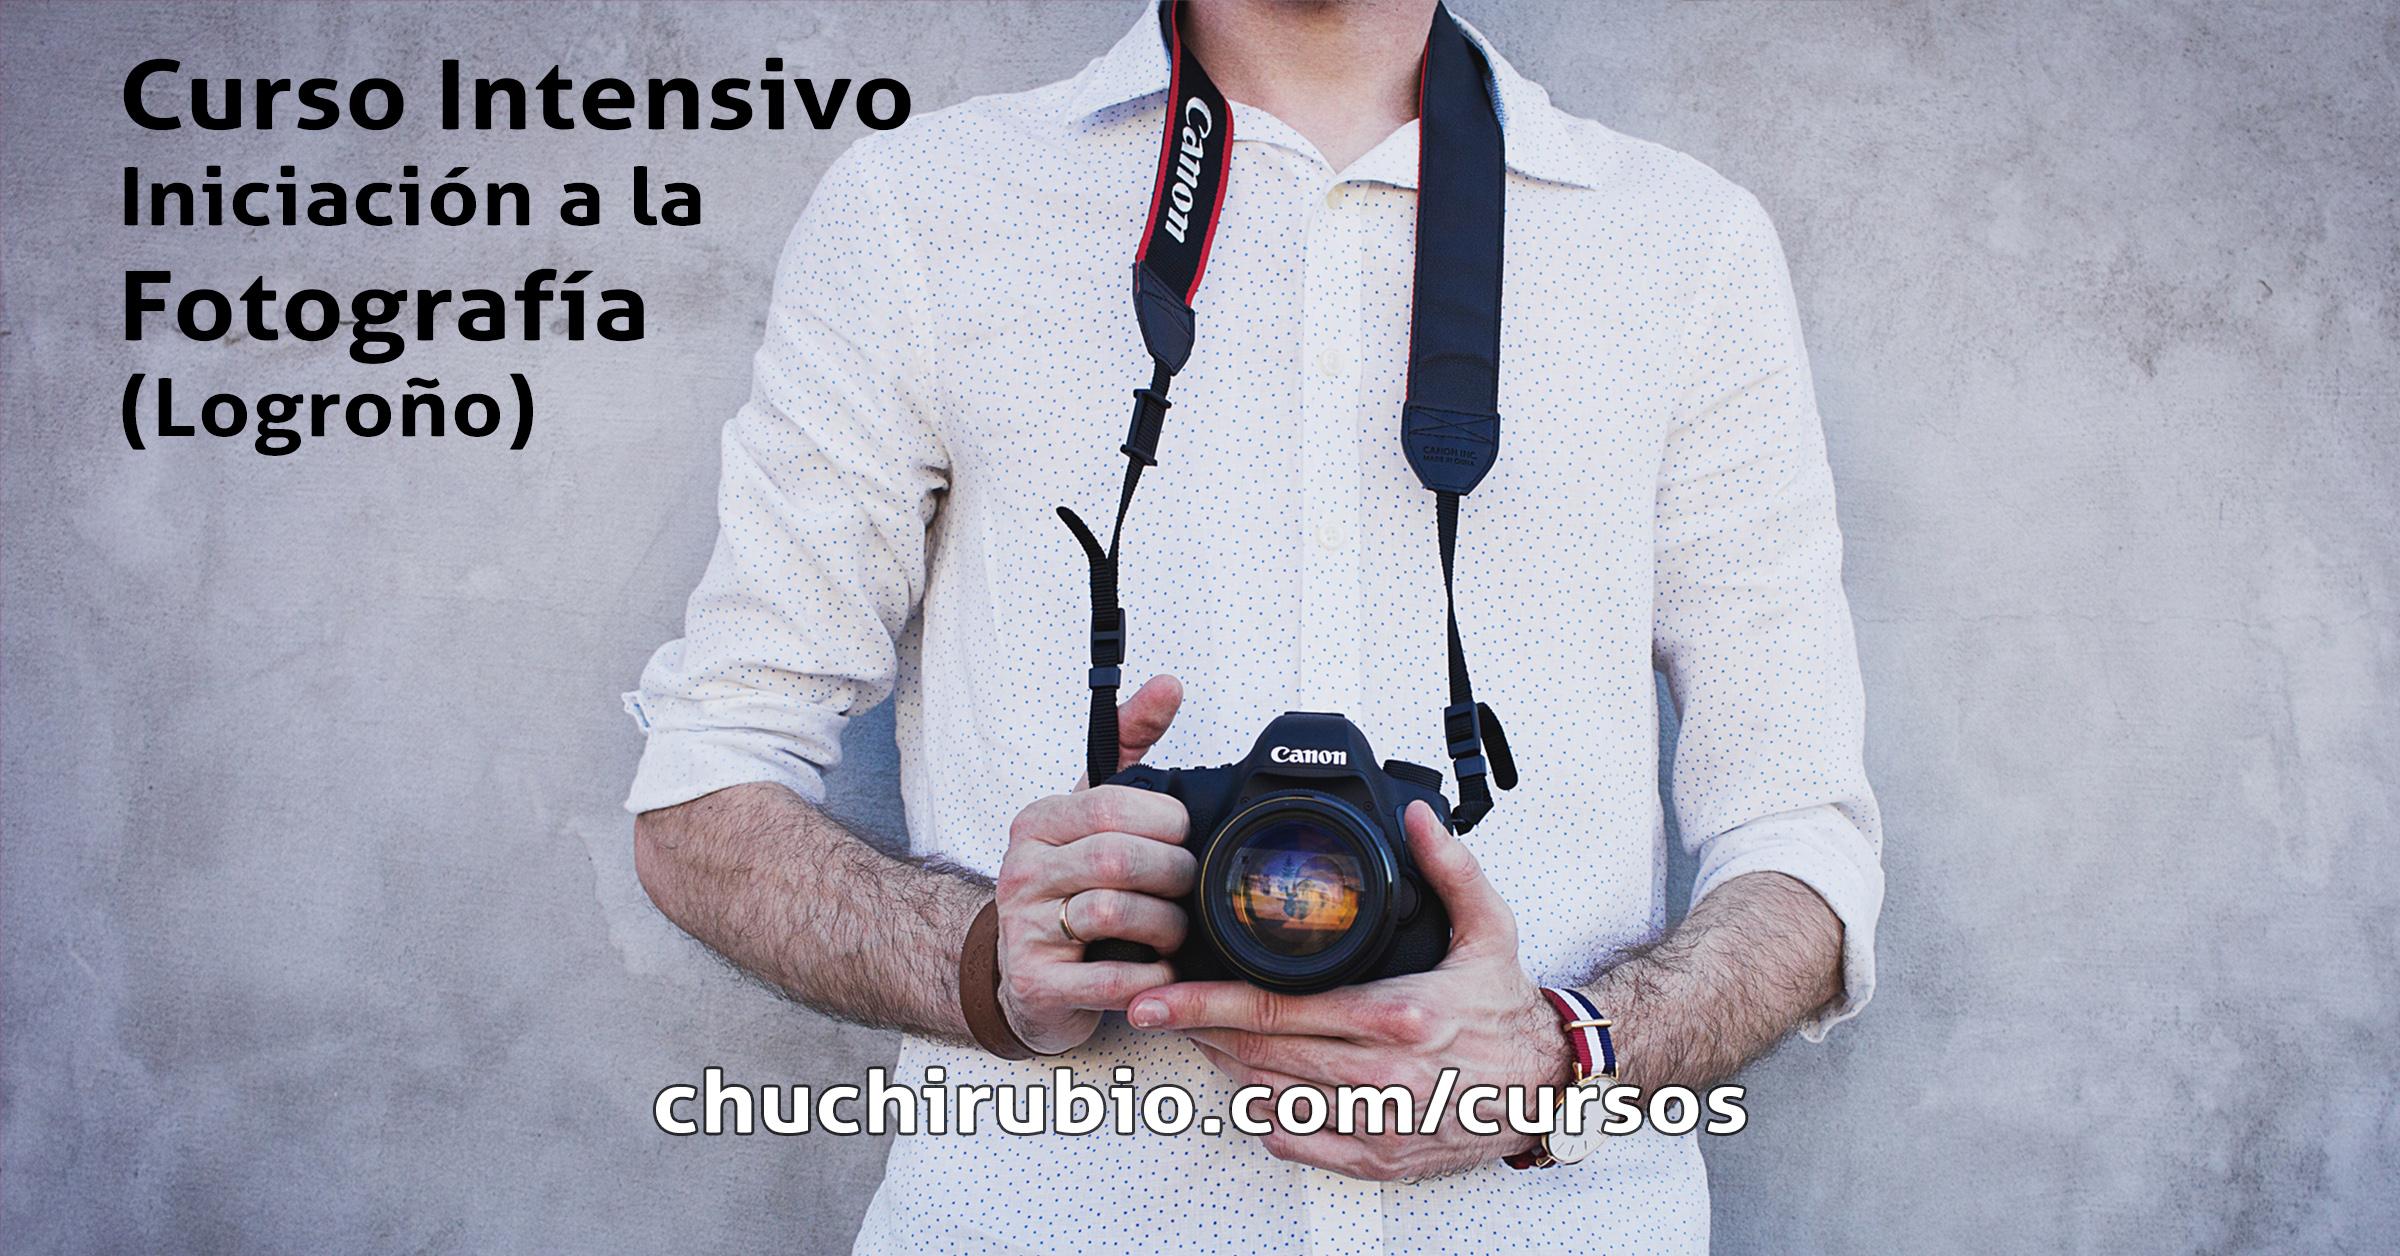 Curso o cursillo intensivo de fotografía, en Logroño.